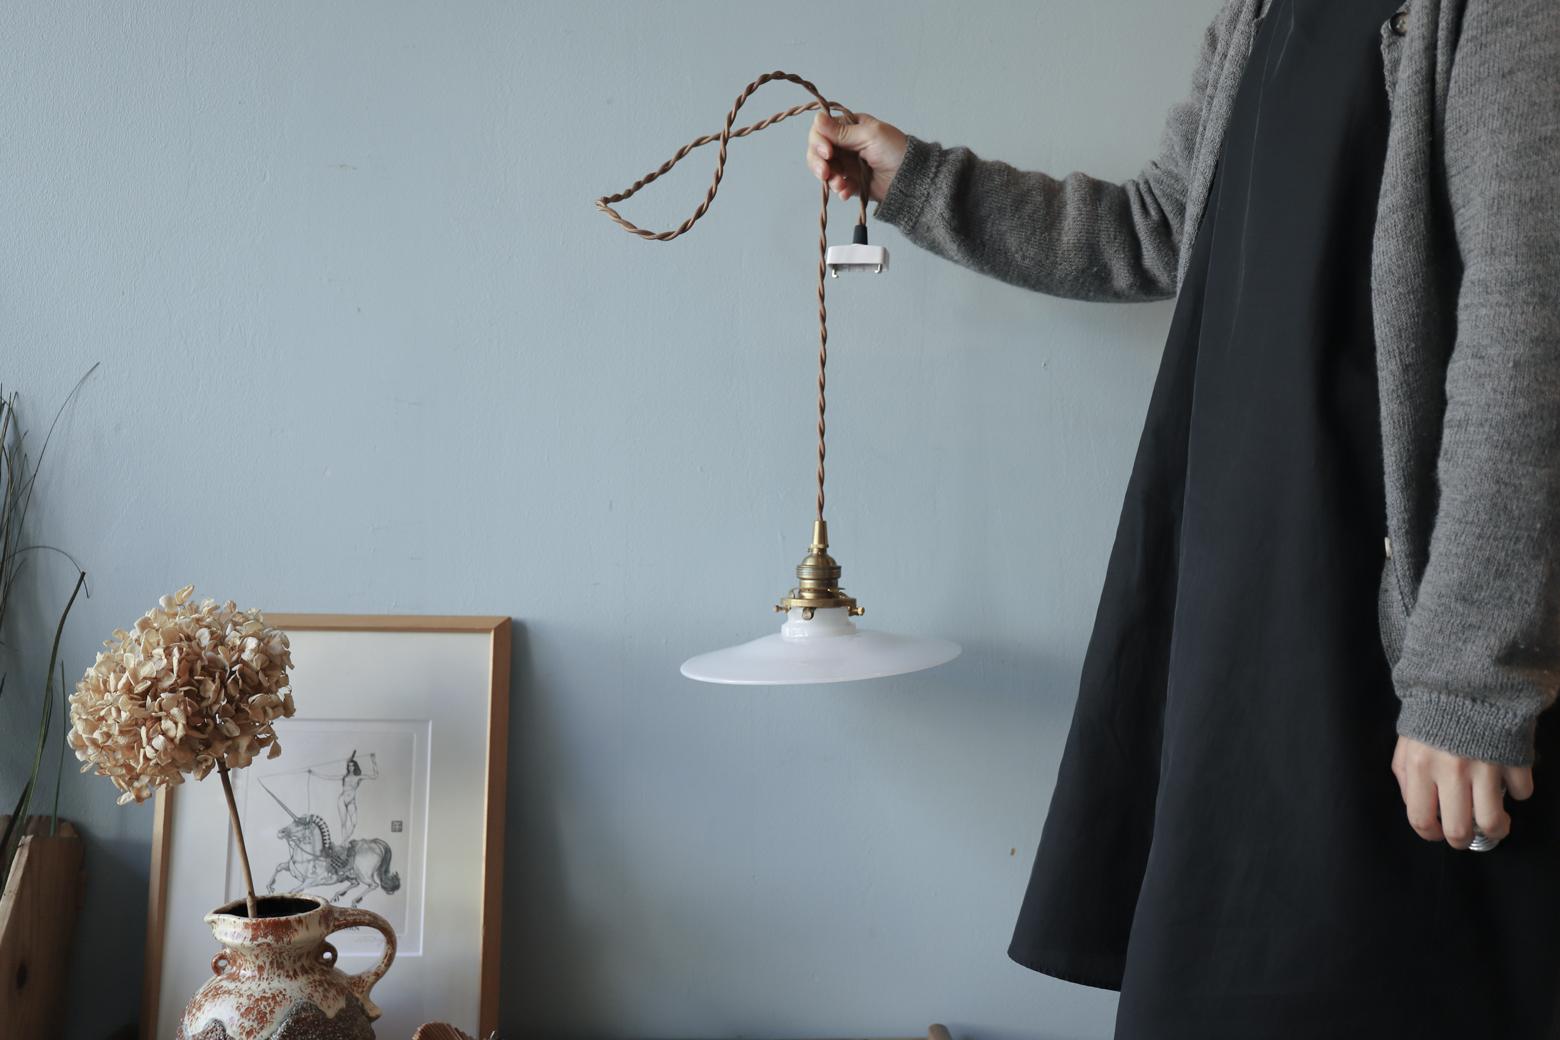 Antique Milk Glass Pendant Light/アンティーク ミルクガラス ペンダントライト ジャパニーズモダン レトロ